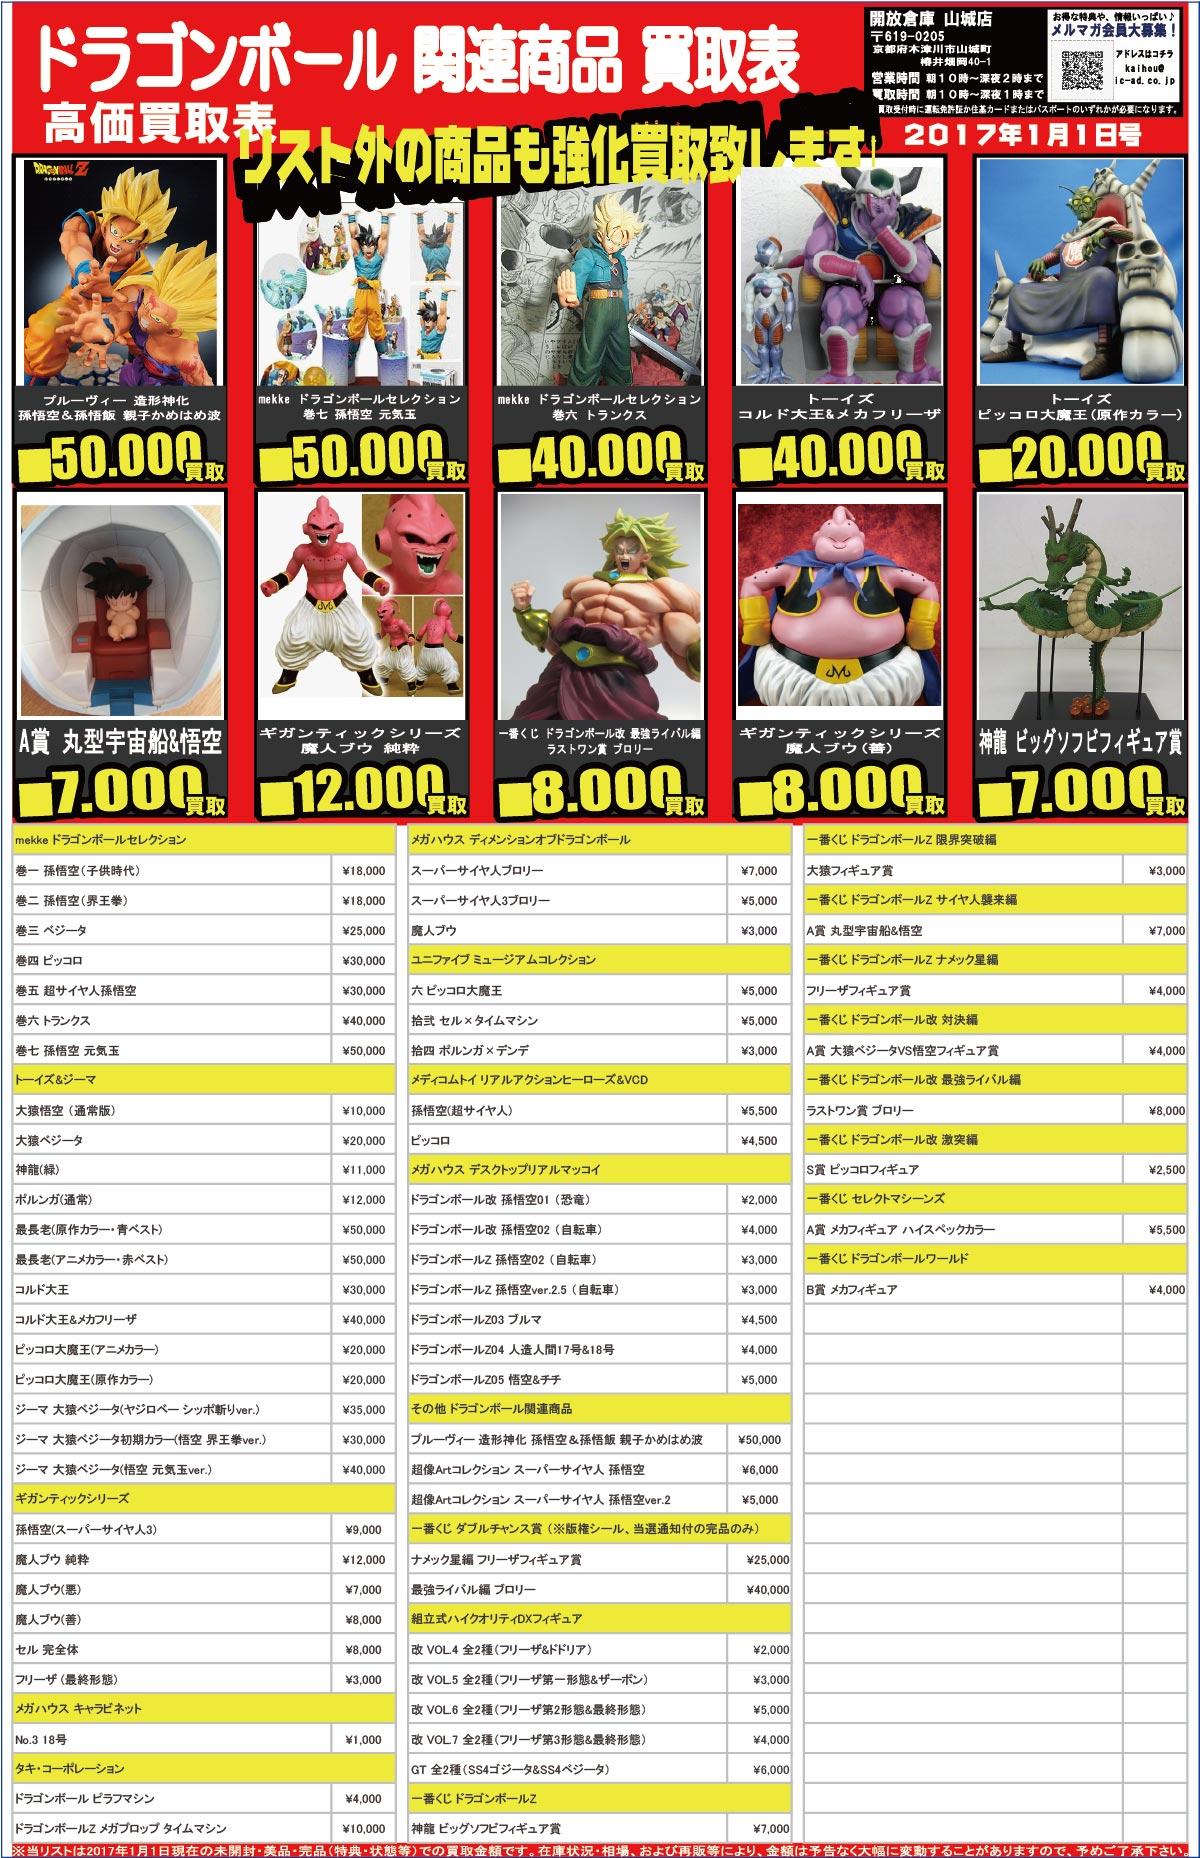 「開放倉庫山城店」7月号ドラゴンボール関連商品買取表!更新しました!